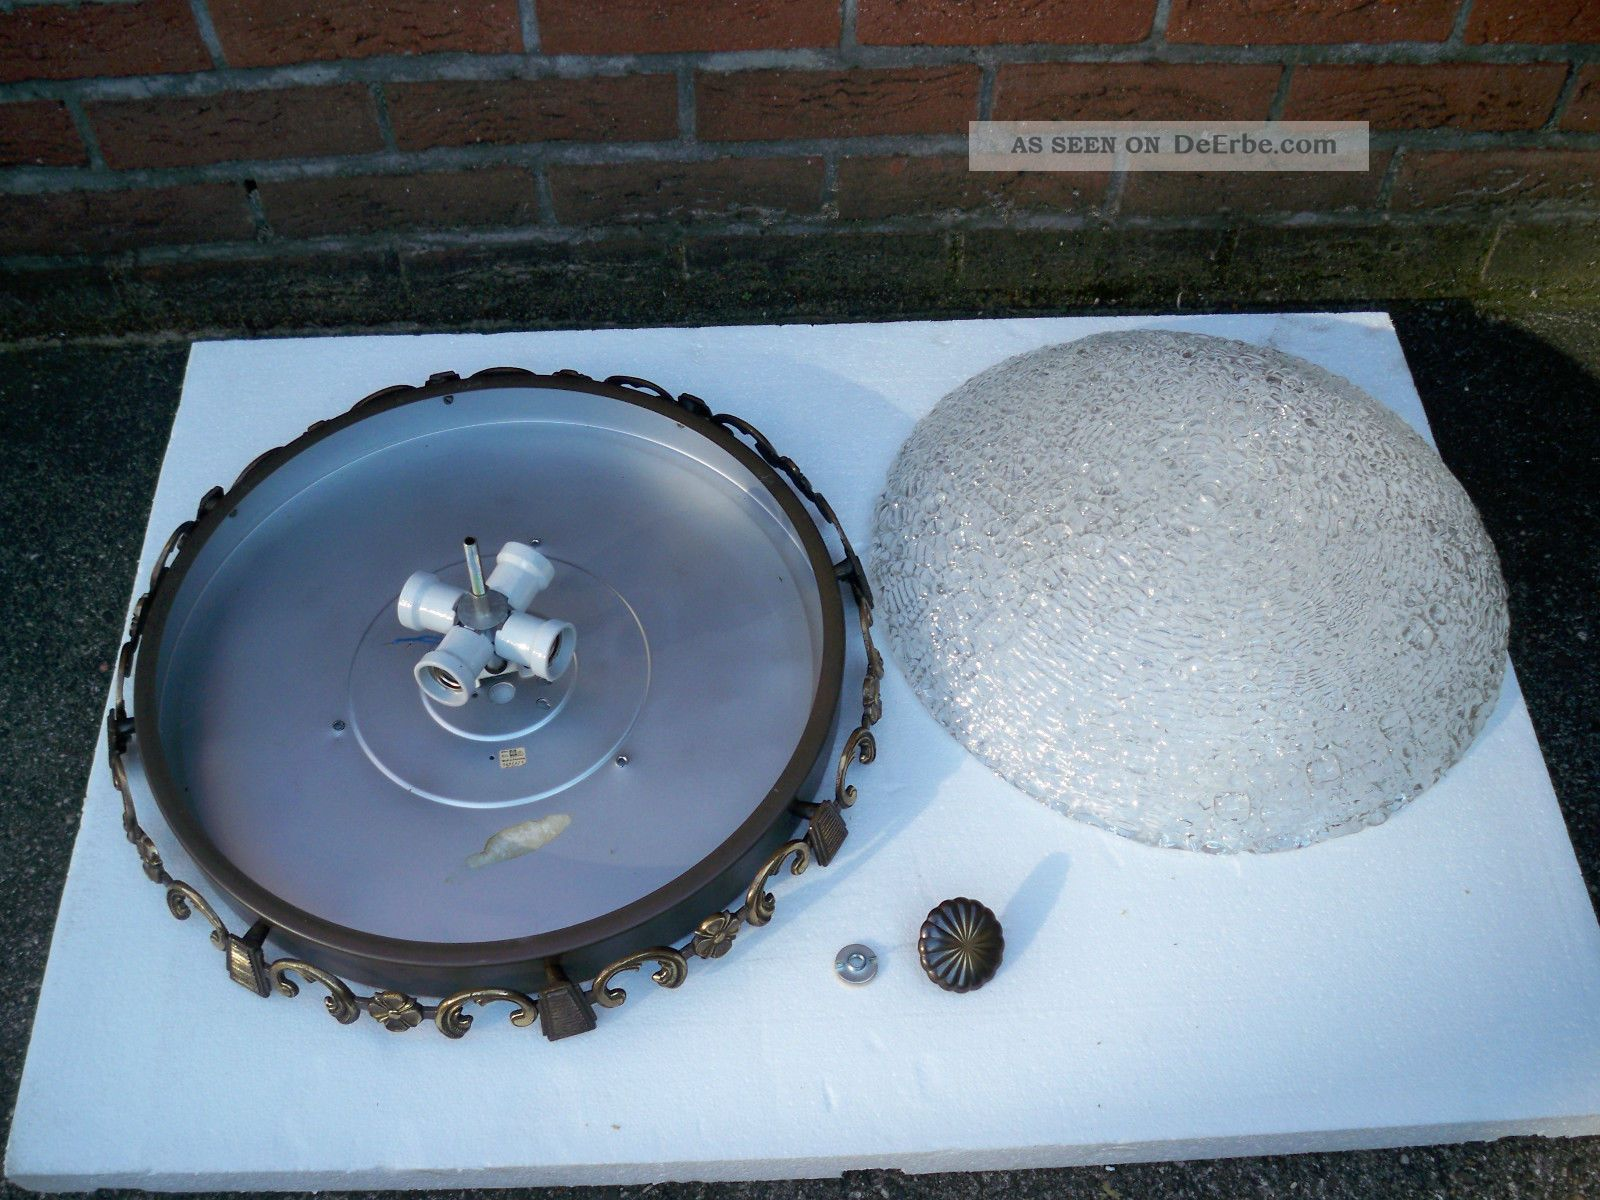 Plafoniere Messing : Xxl:alte 4 fl. plafoniere deckenlampe deckenleuchte messing bronze